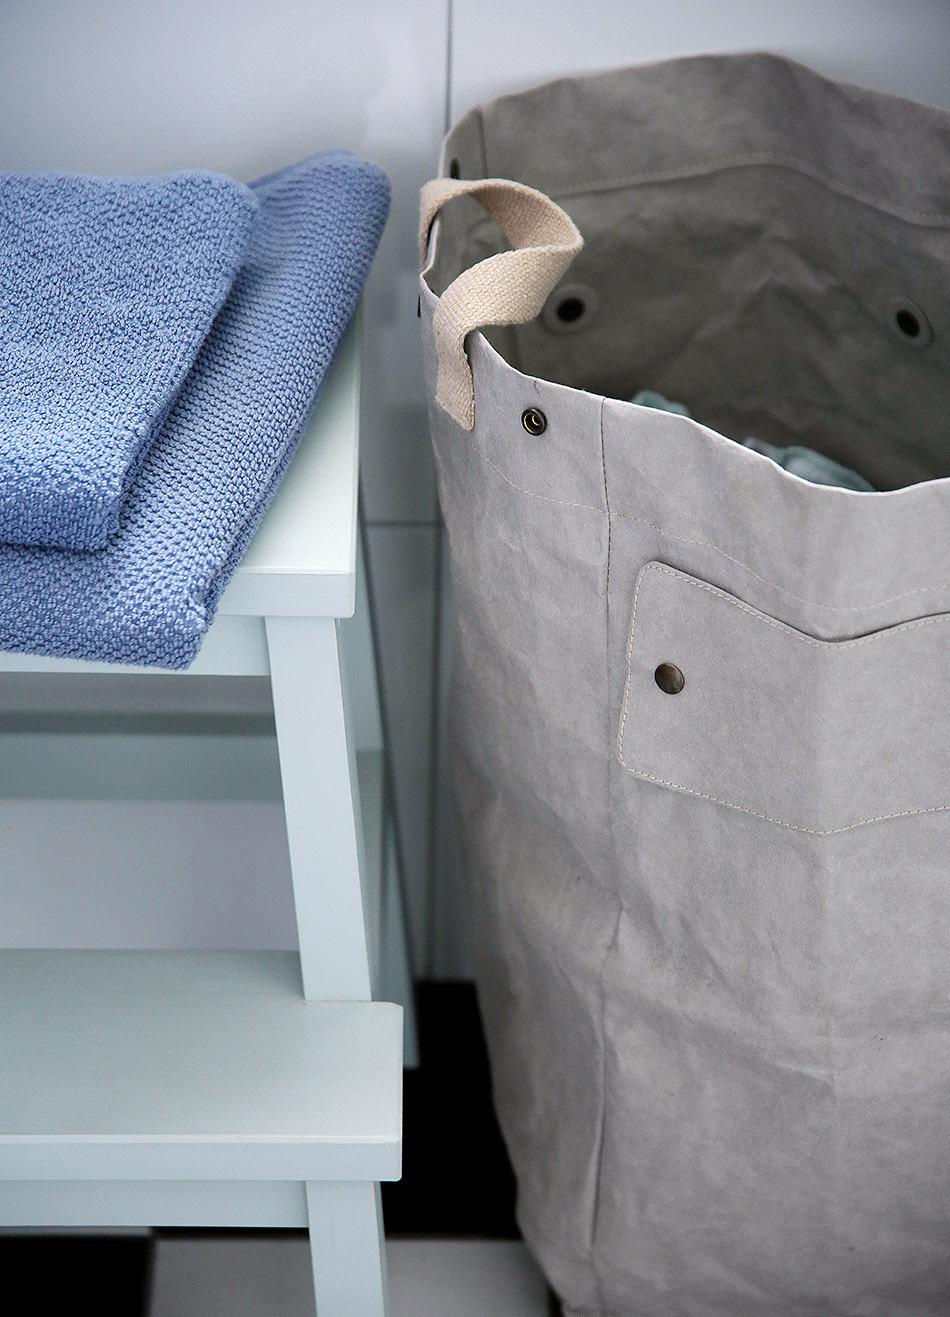 Till tvätten - fixaodona.se